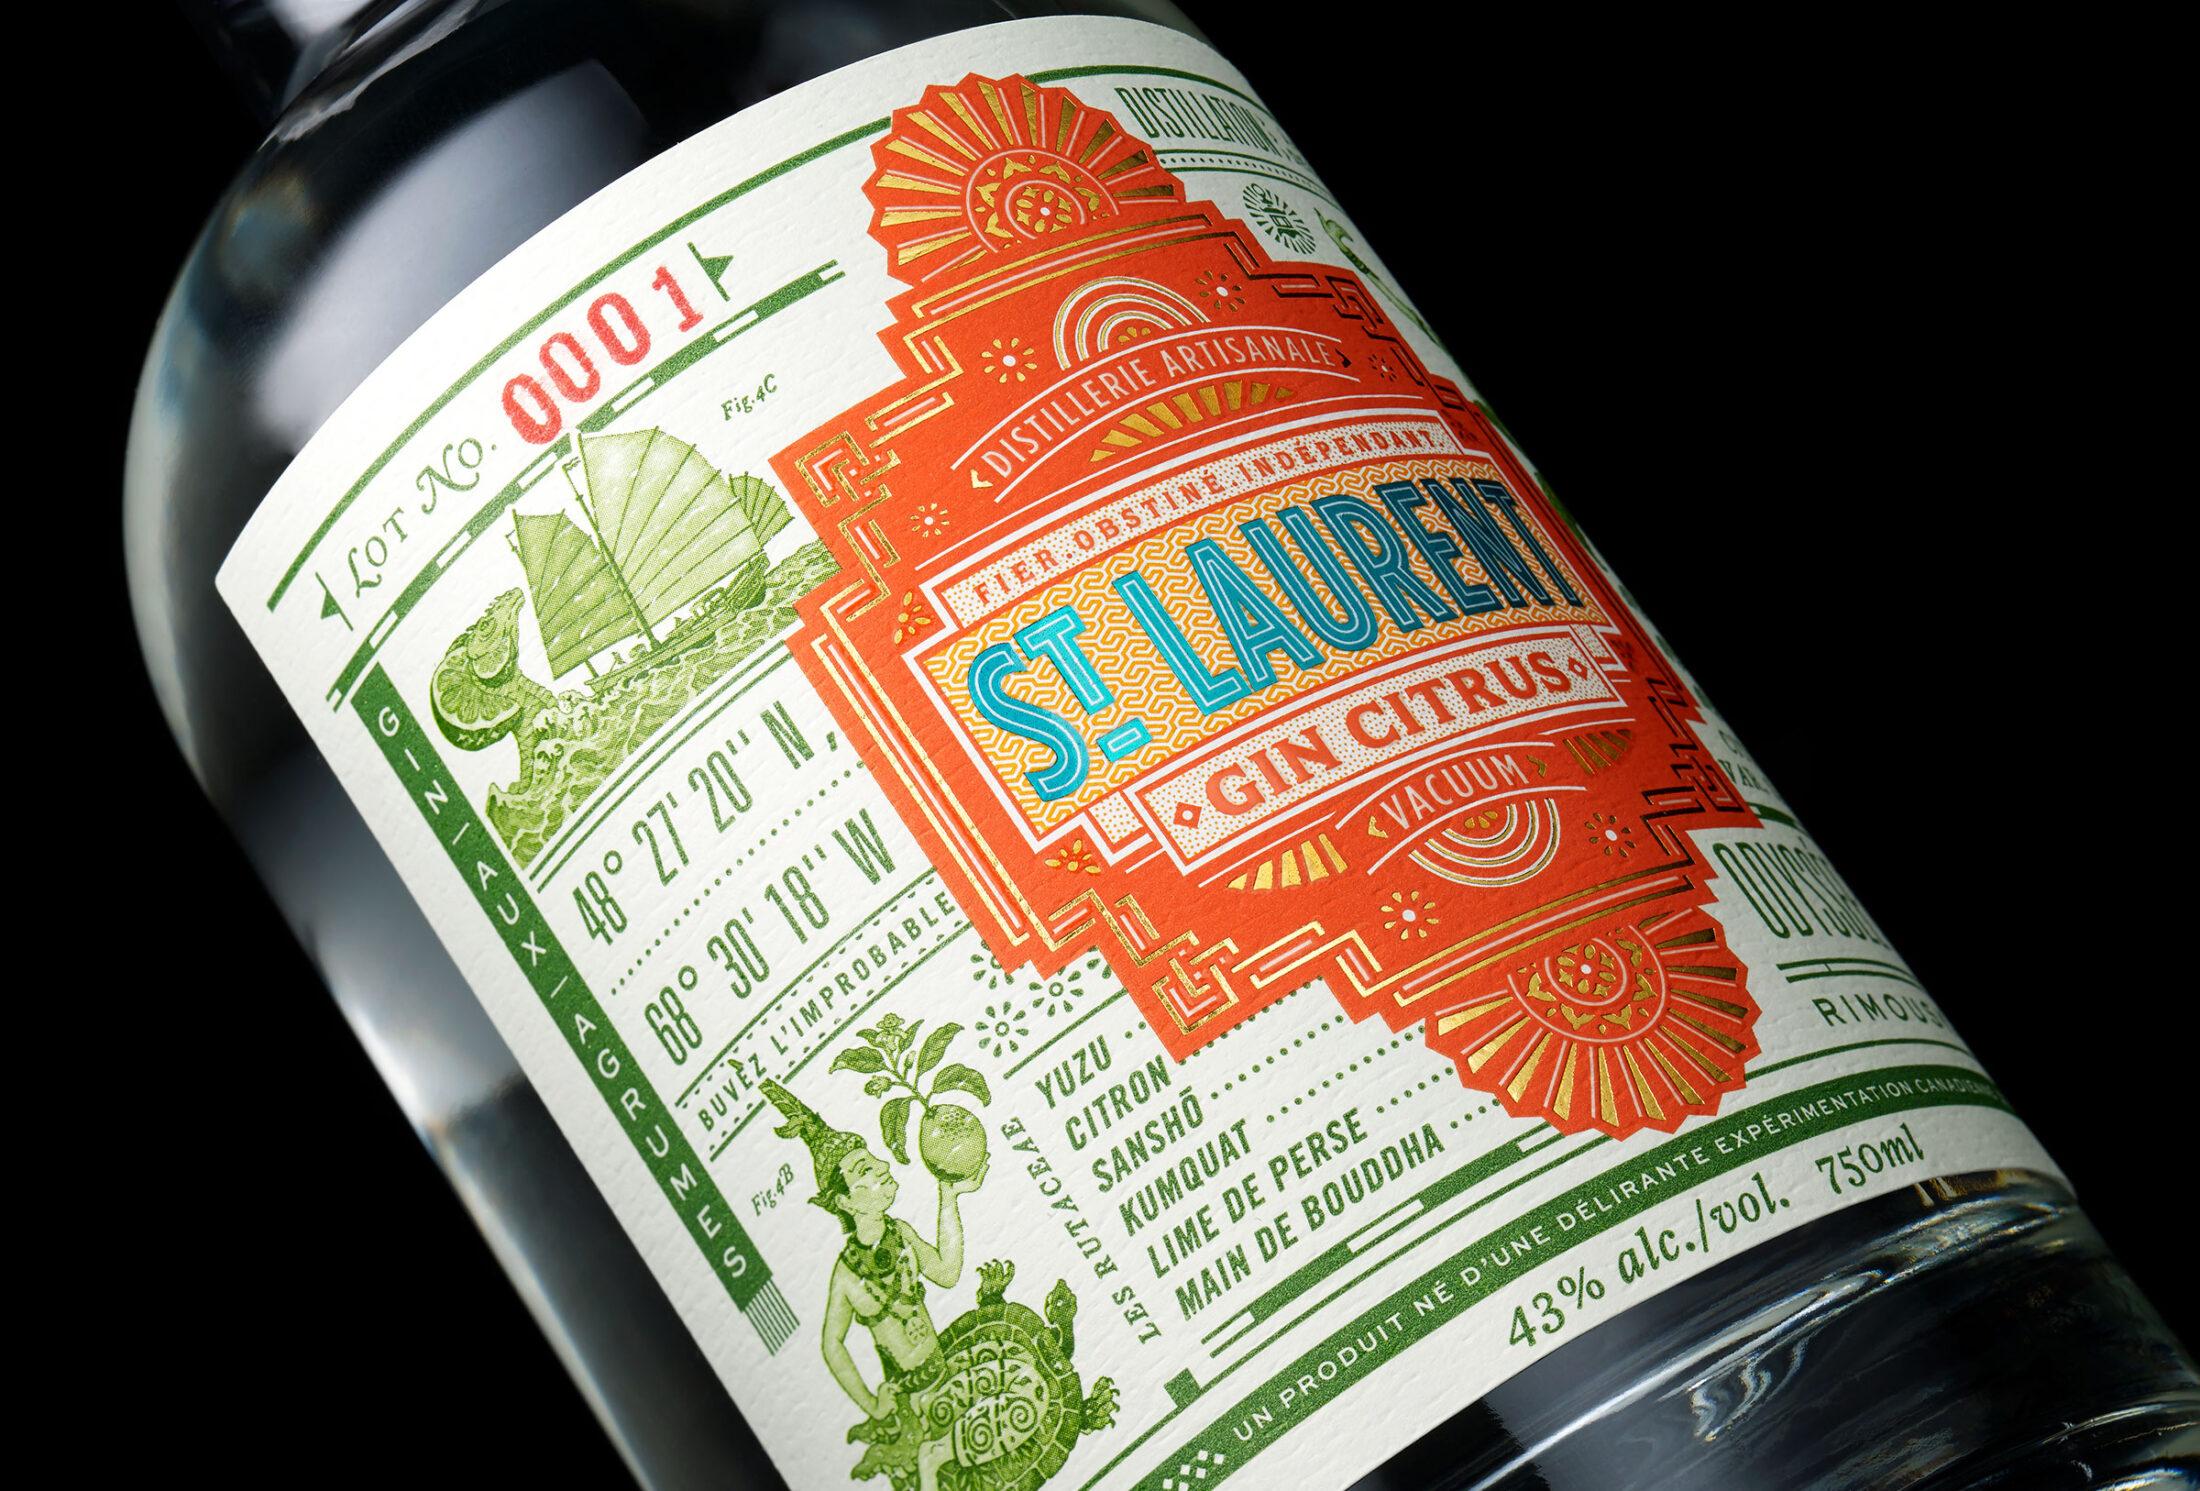 St.Laurent Citrus - Chad Michael Studio